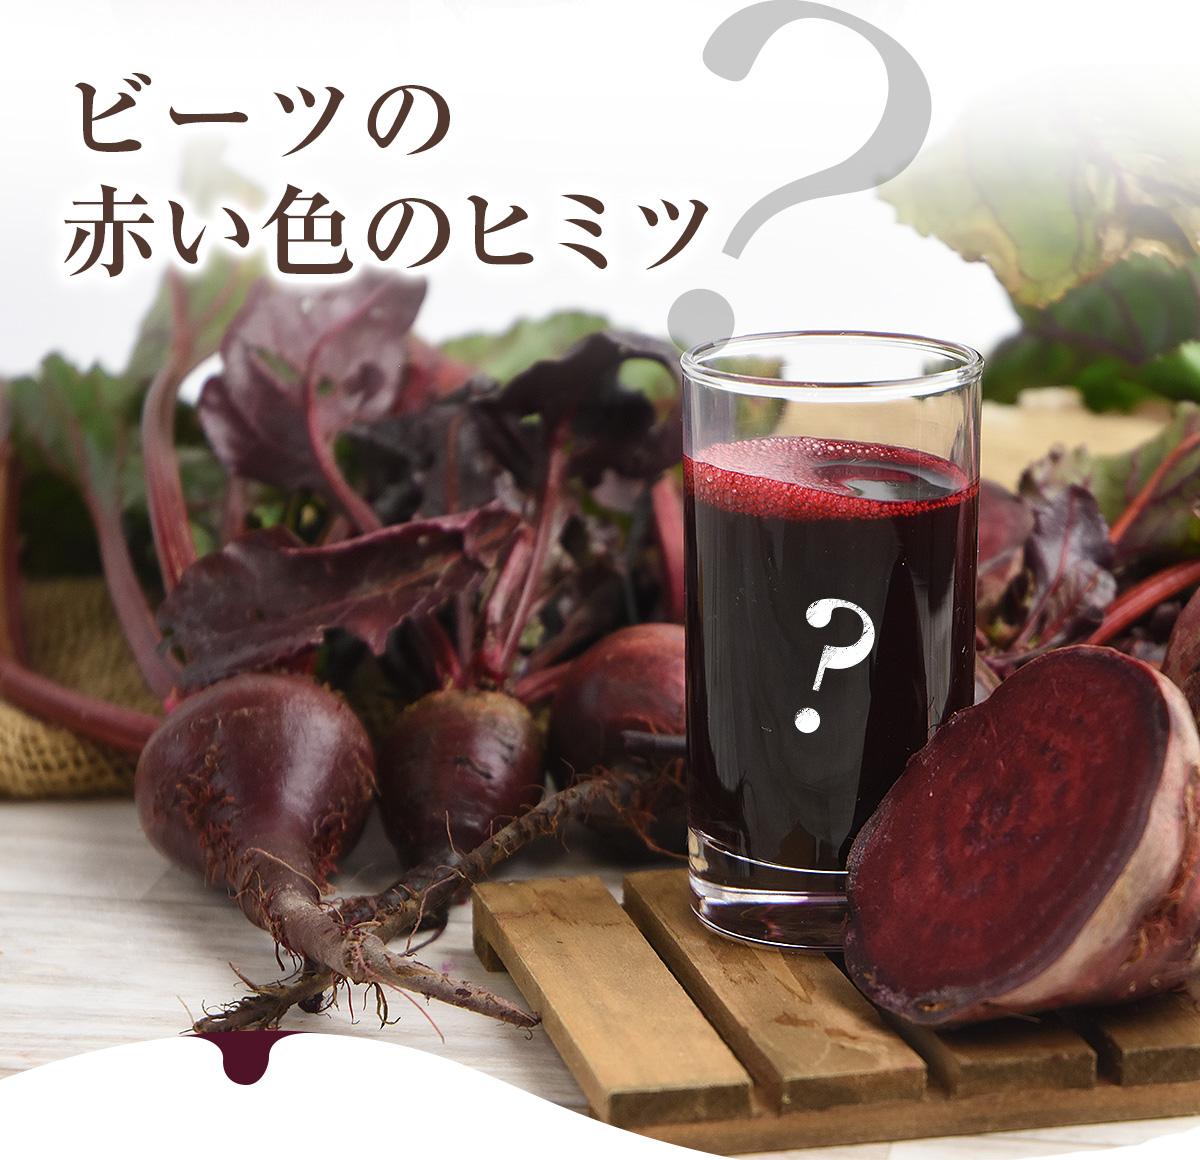 人参りんごジュースの効果・効能まとめ ...